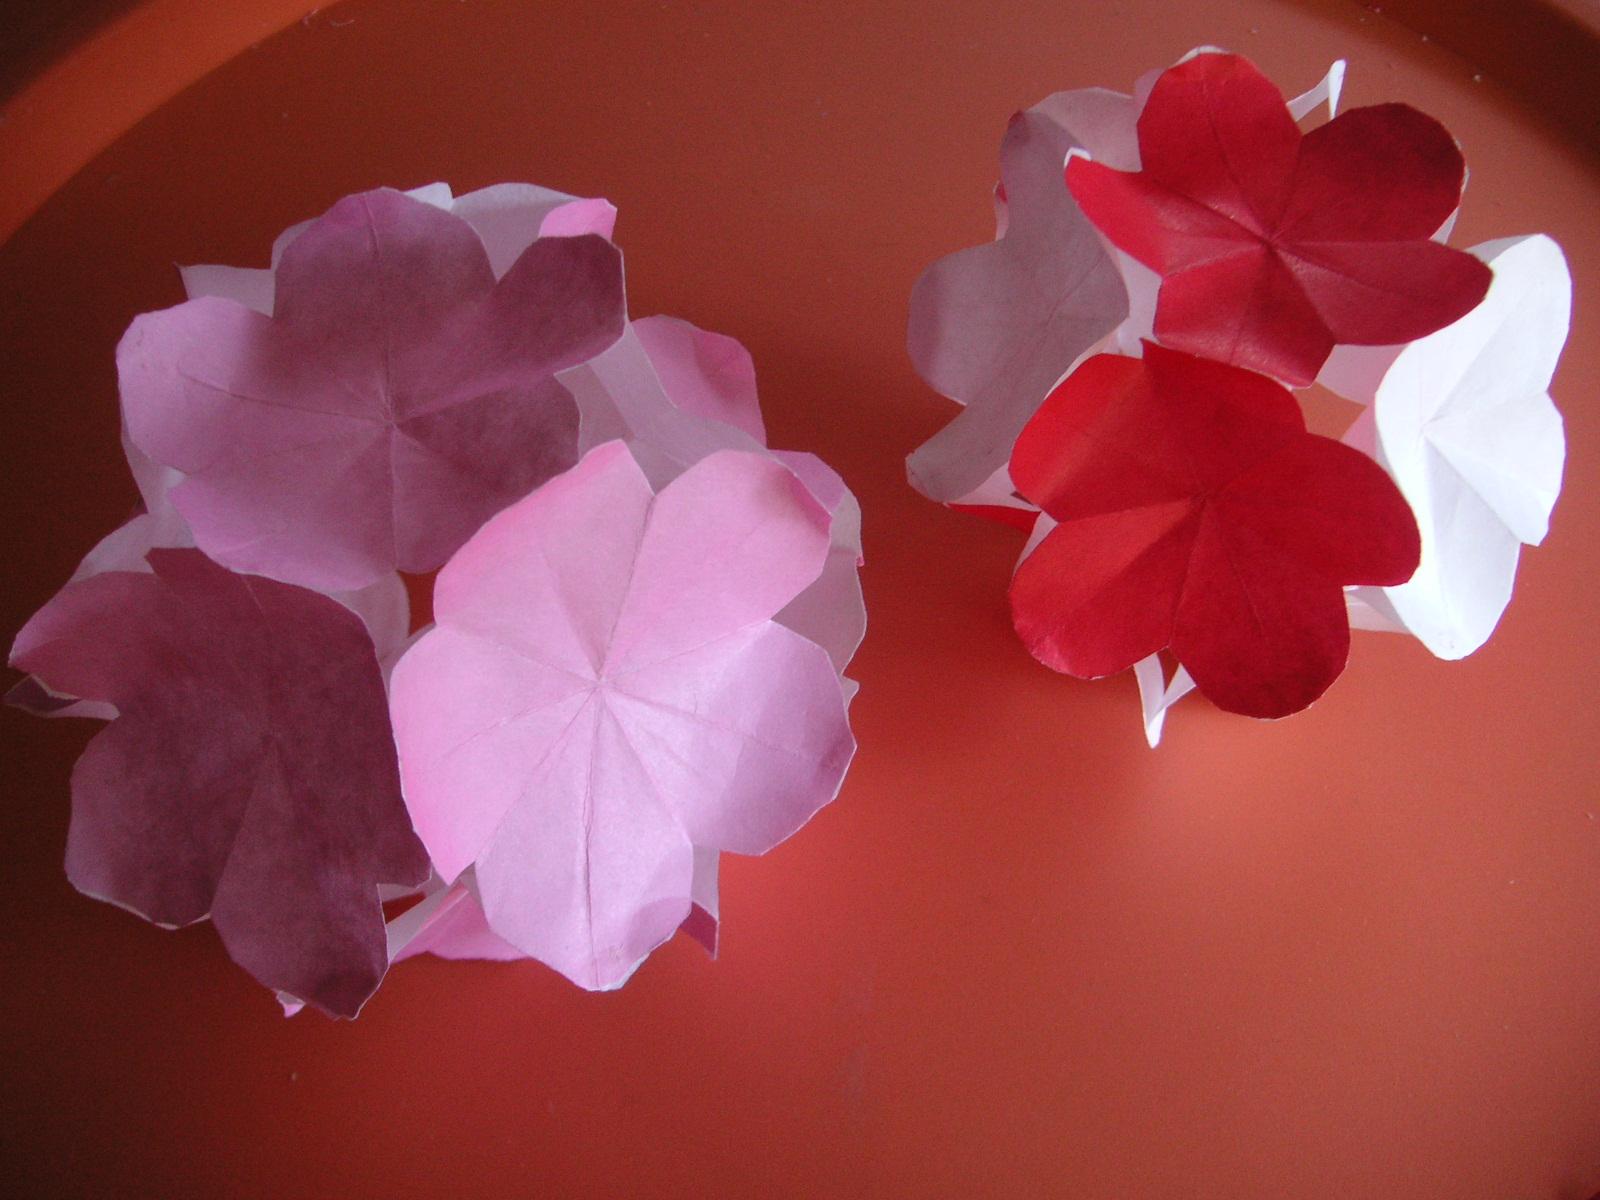 すべての折り紙 折り紙梅の花折り方 : この花を12枚づつまとめて玉 ...